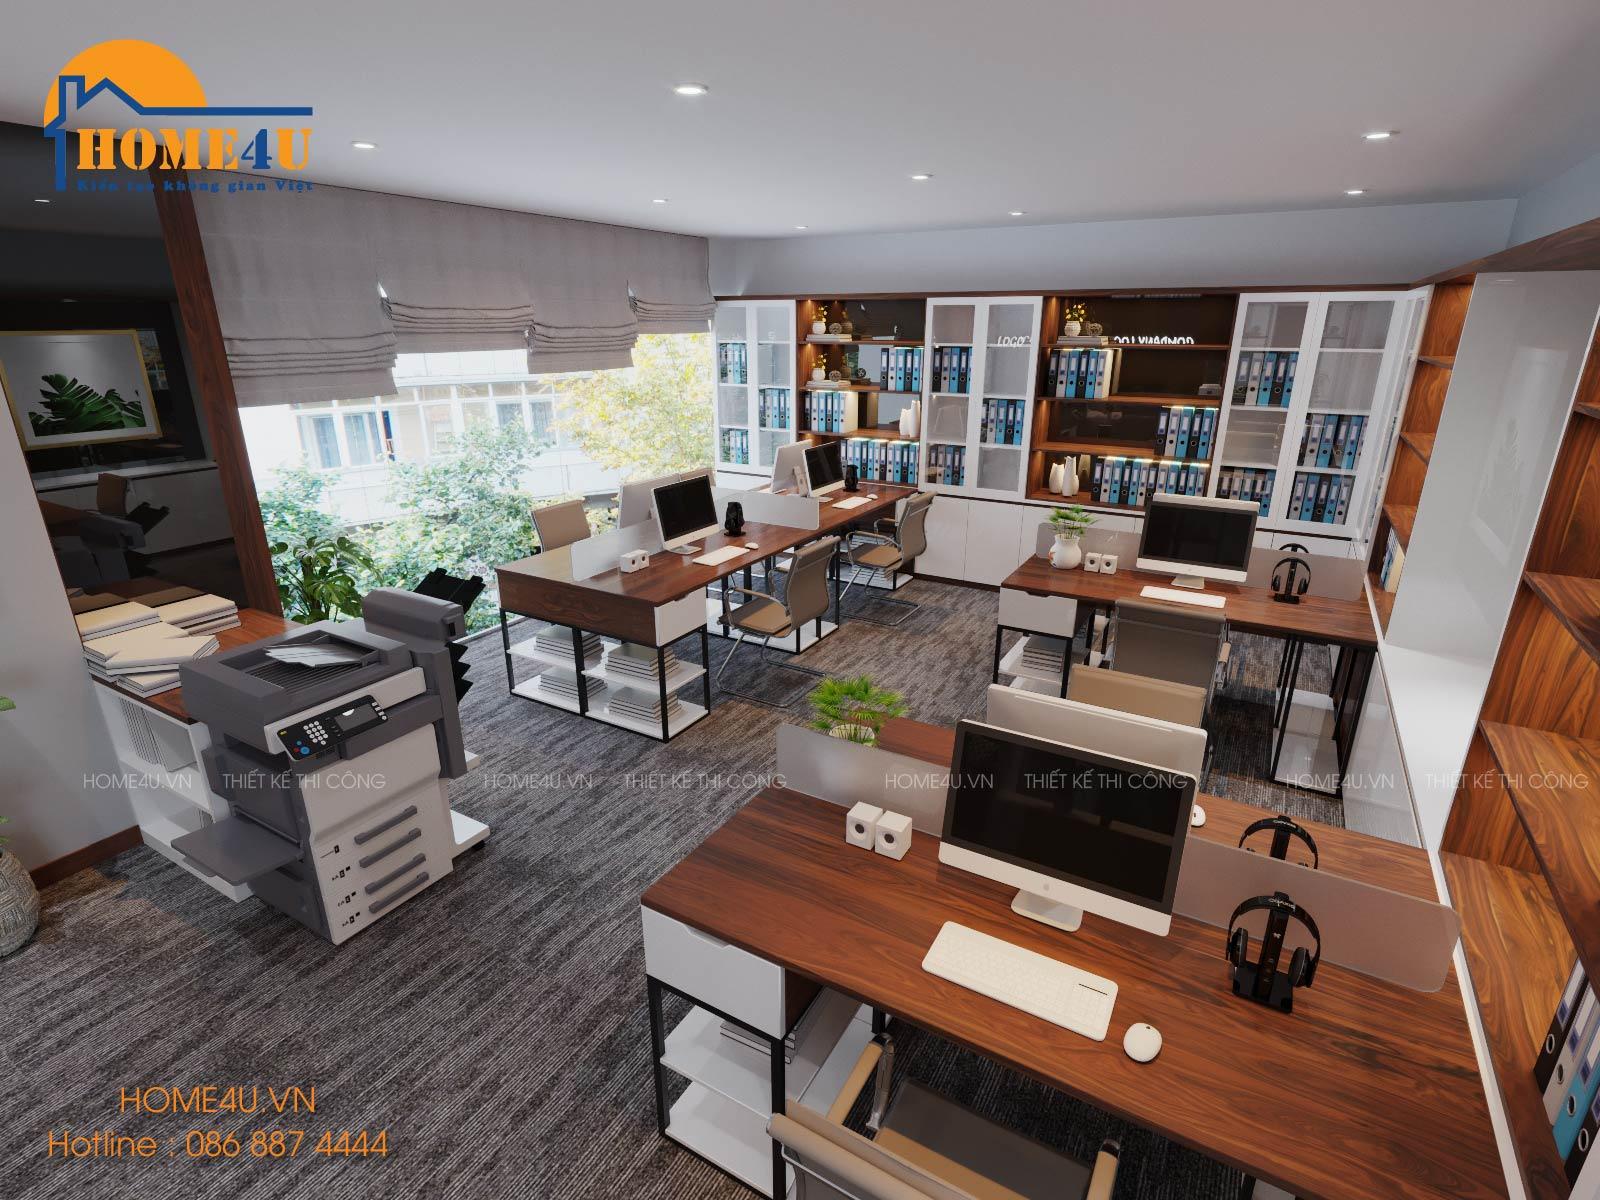 Mẫu thiết kế nội thất văn phòng hiện đại chị Loan - NTVP2002